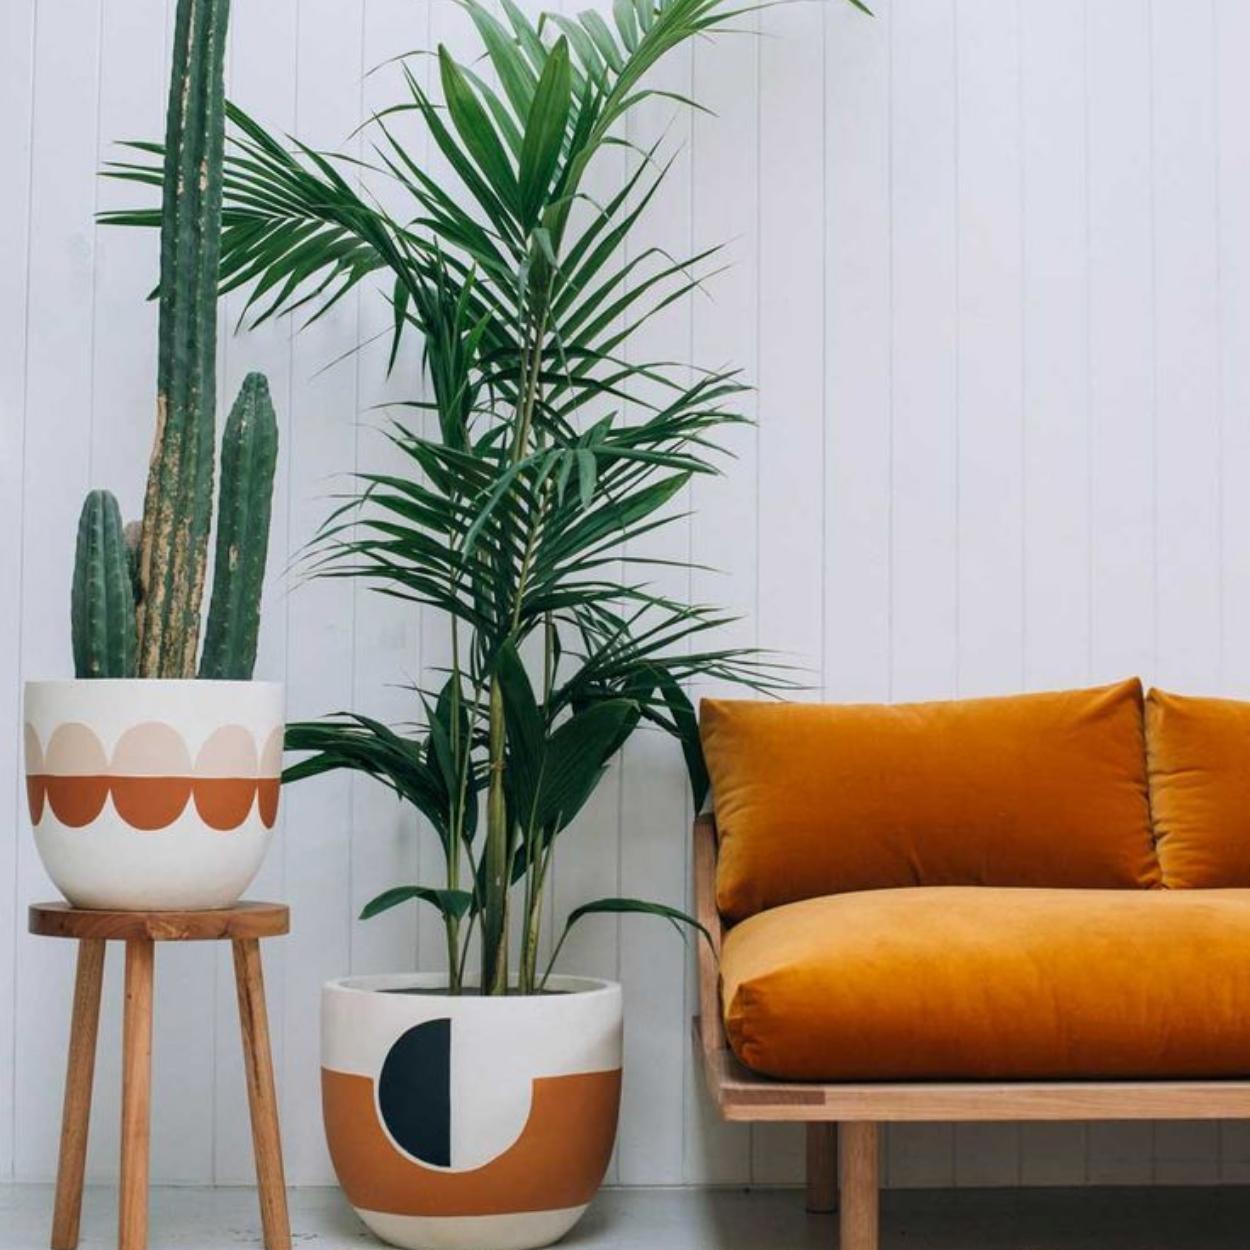 Palmeira Ráfia está nas lista de plantas para quarto.